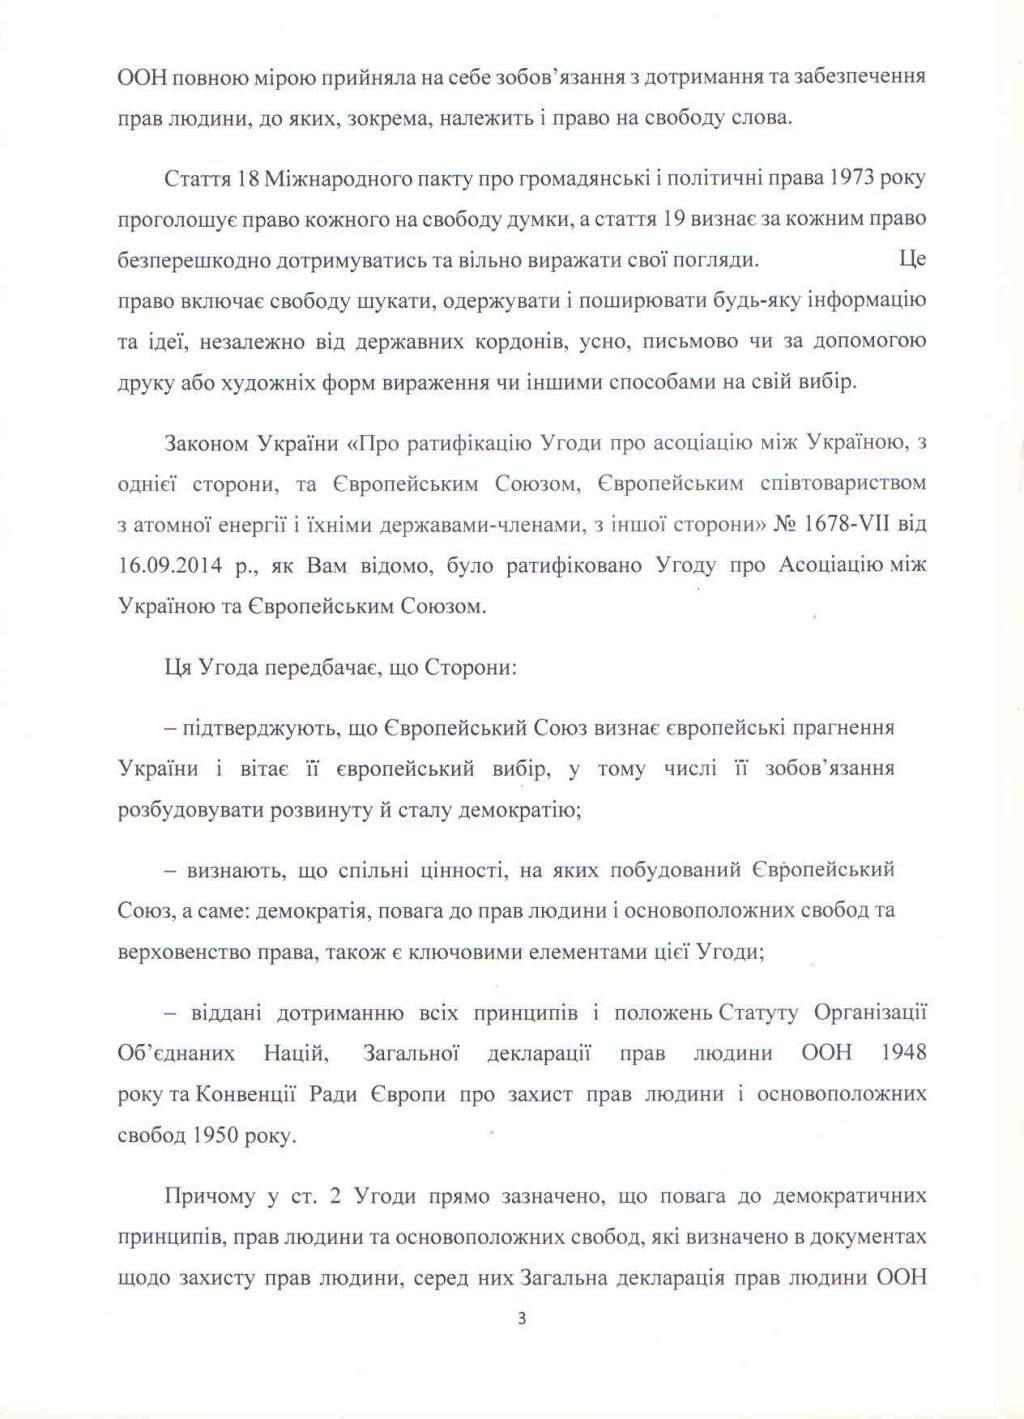 «ГолосUA» хотят закрыть по решению суда в рамках декоммунизации